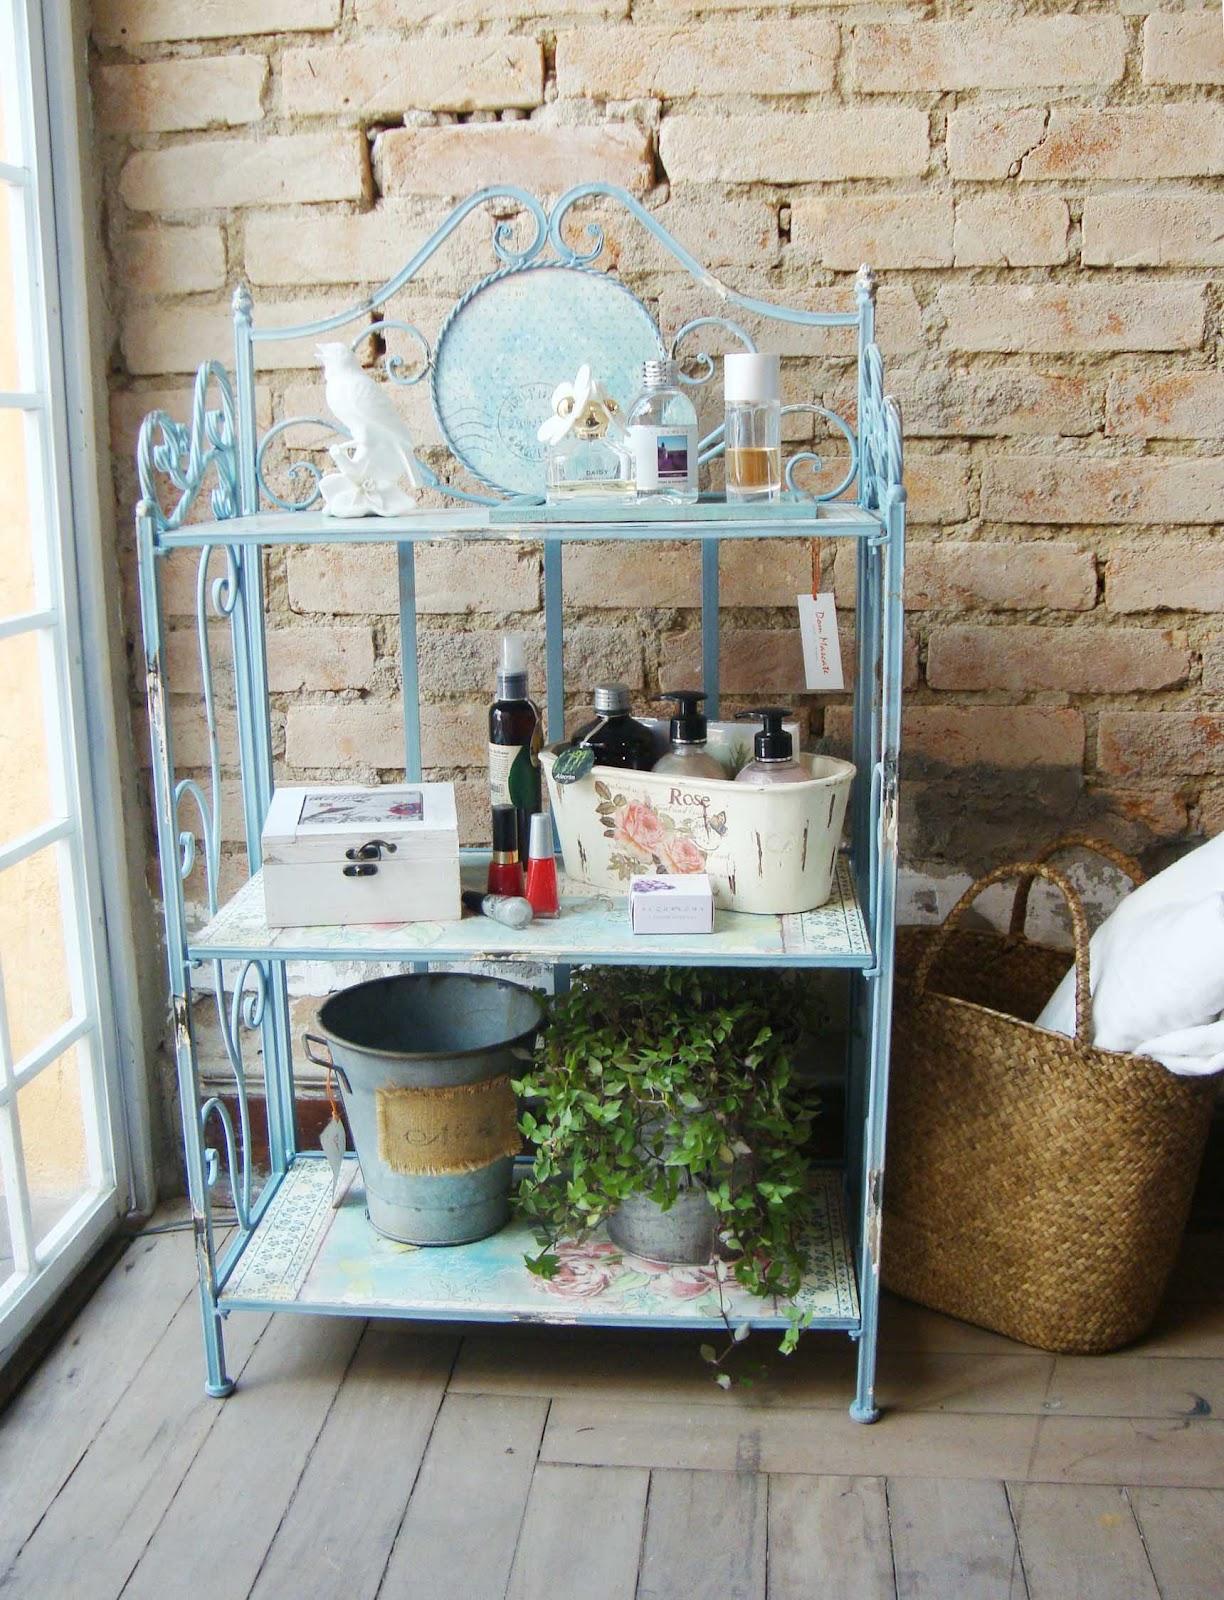 Serralheria de Charme: Banheiro organizado e charmoso ao mesmo tempo #634A31 1224x1600 Banheiro Com Decoração Azul